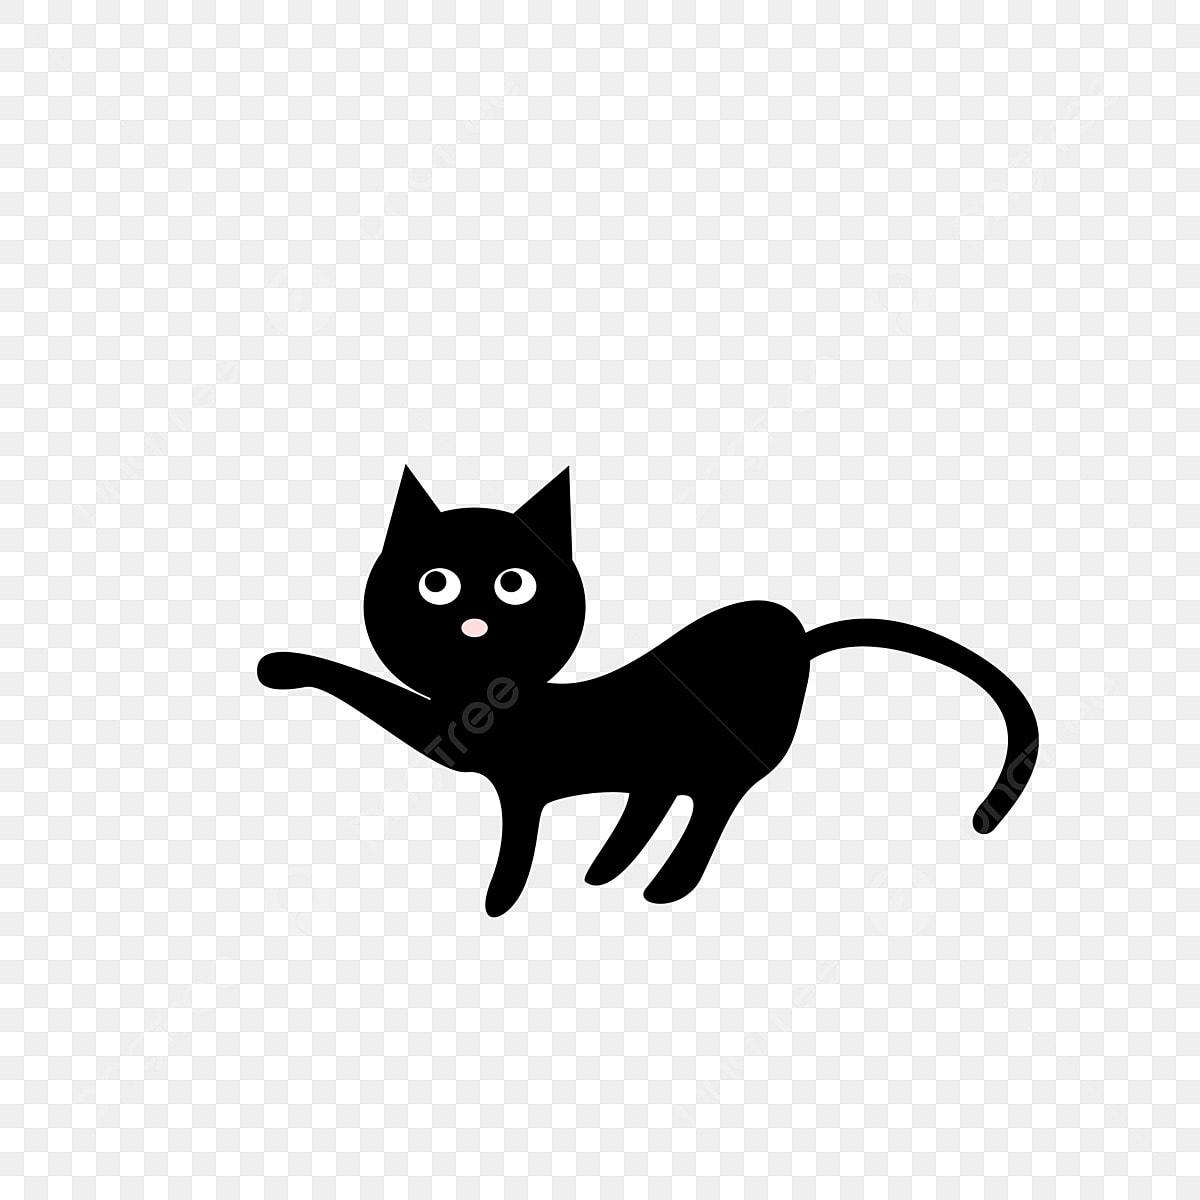 Y Animados Cartoon La Dibujos Del Cat Gato Juguetes De Huellas shQBtdxCro